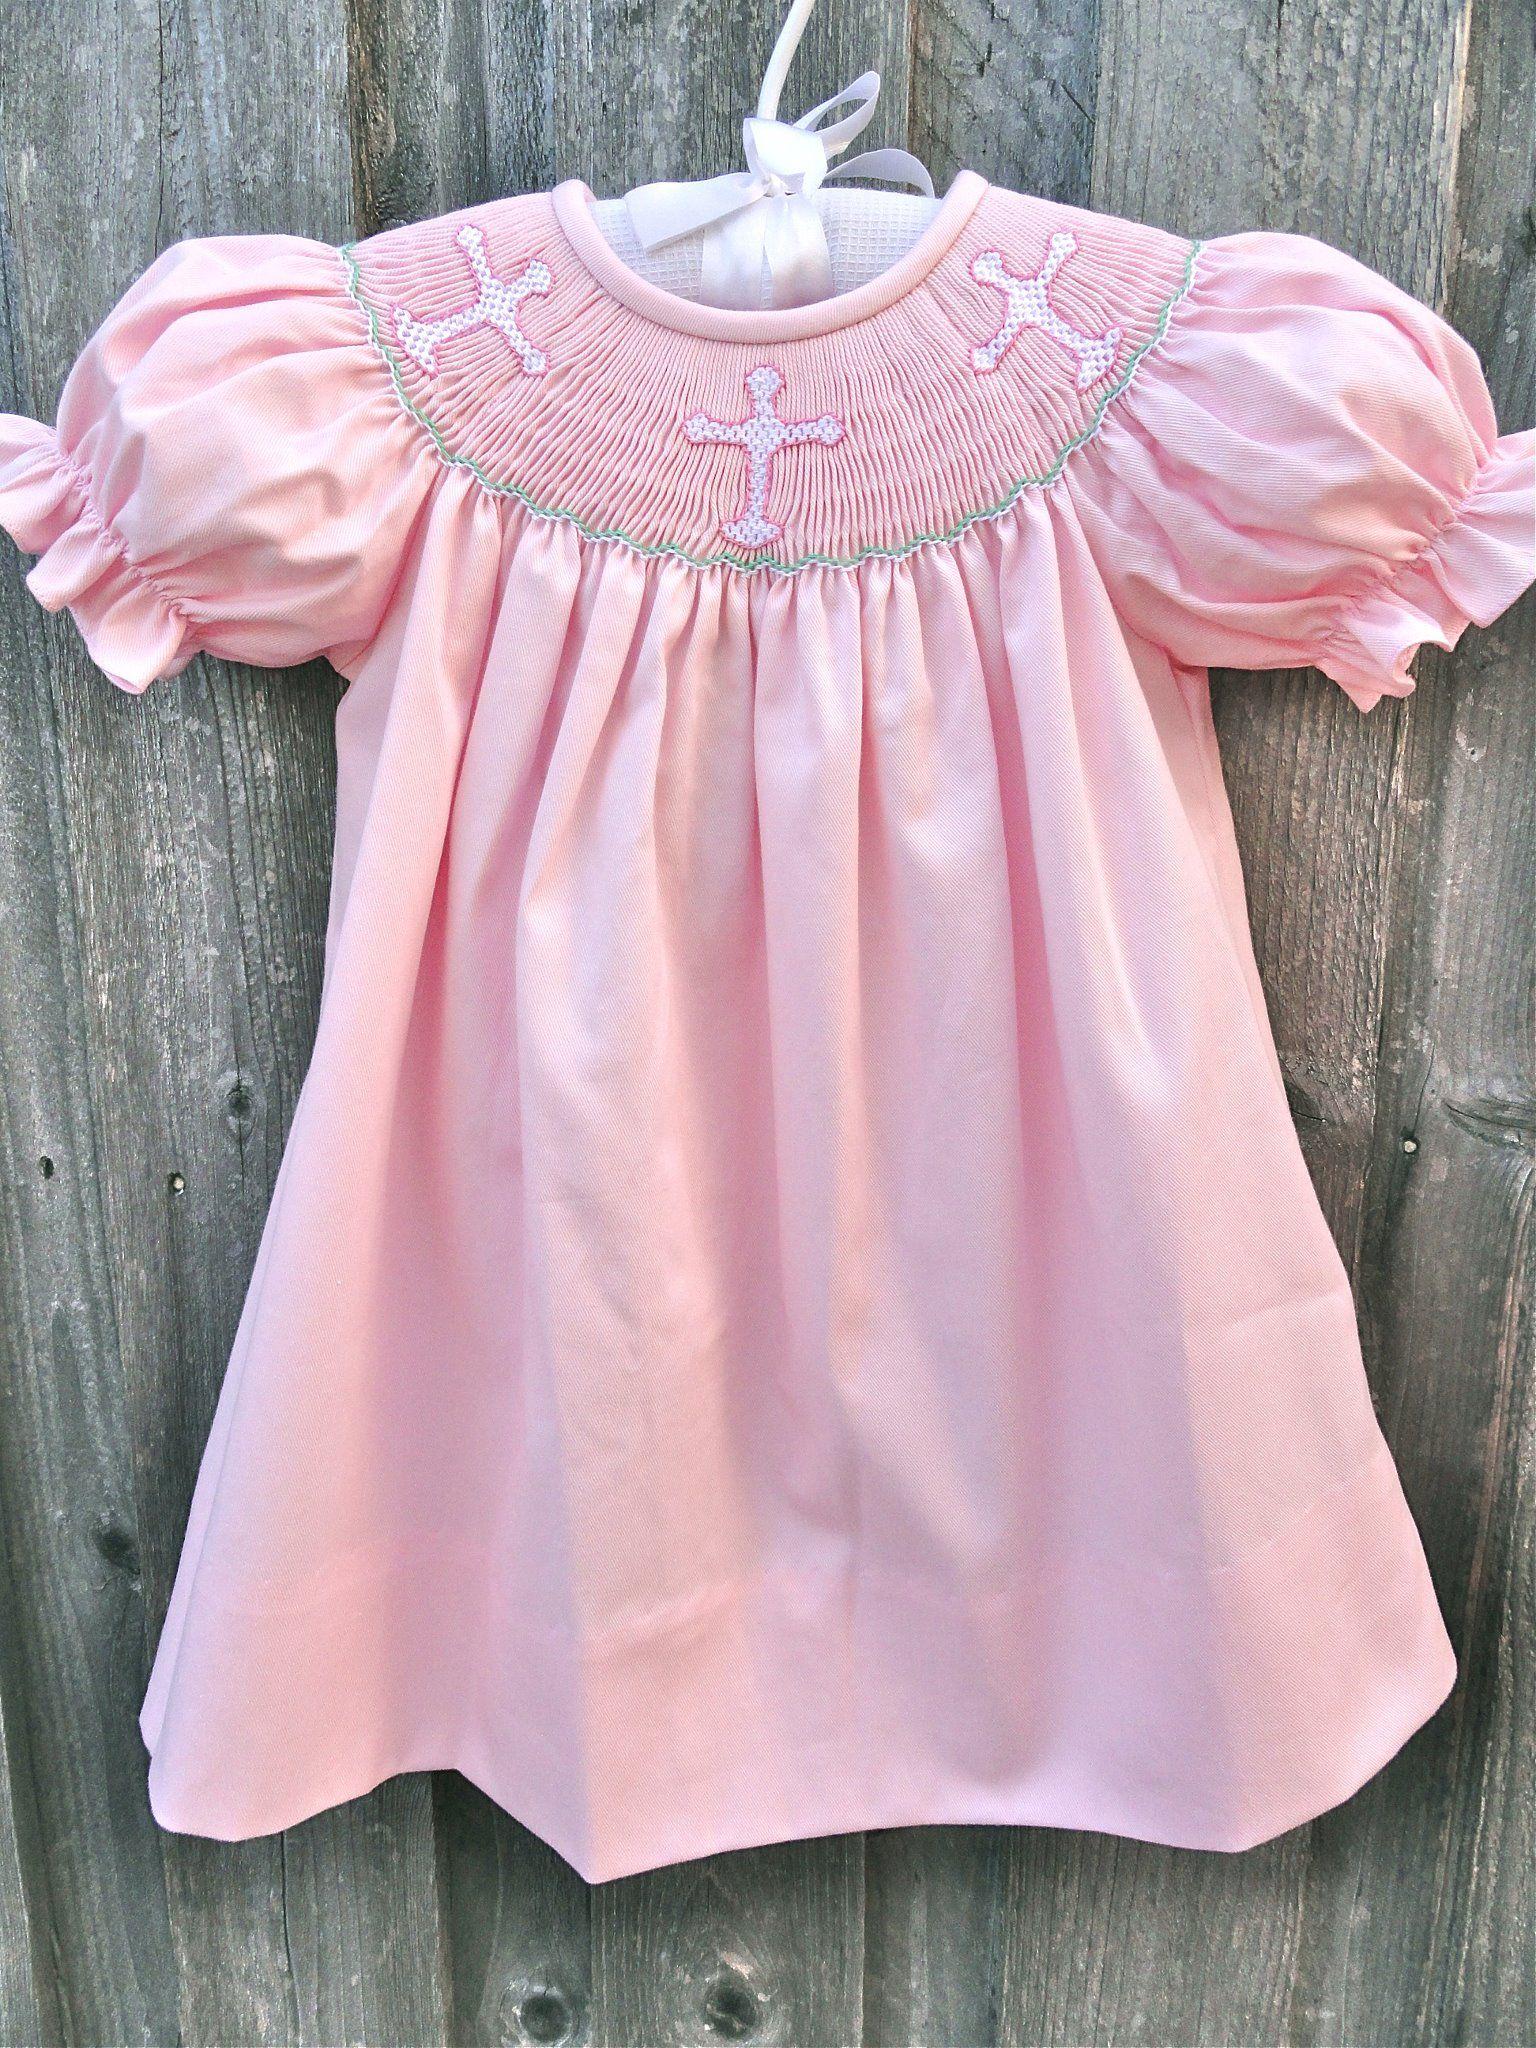 9f5c4287d Smocked Cross Easter Dress